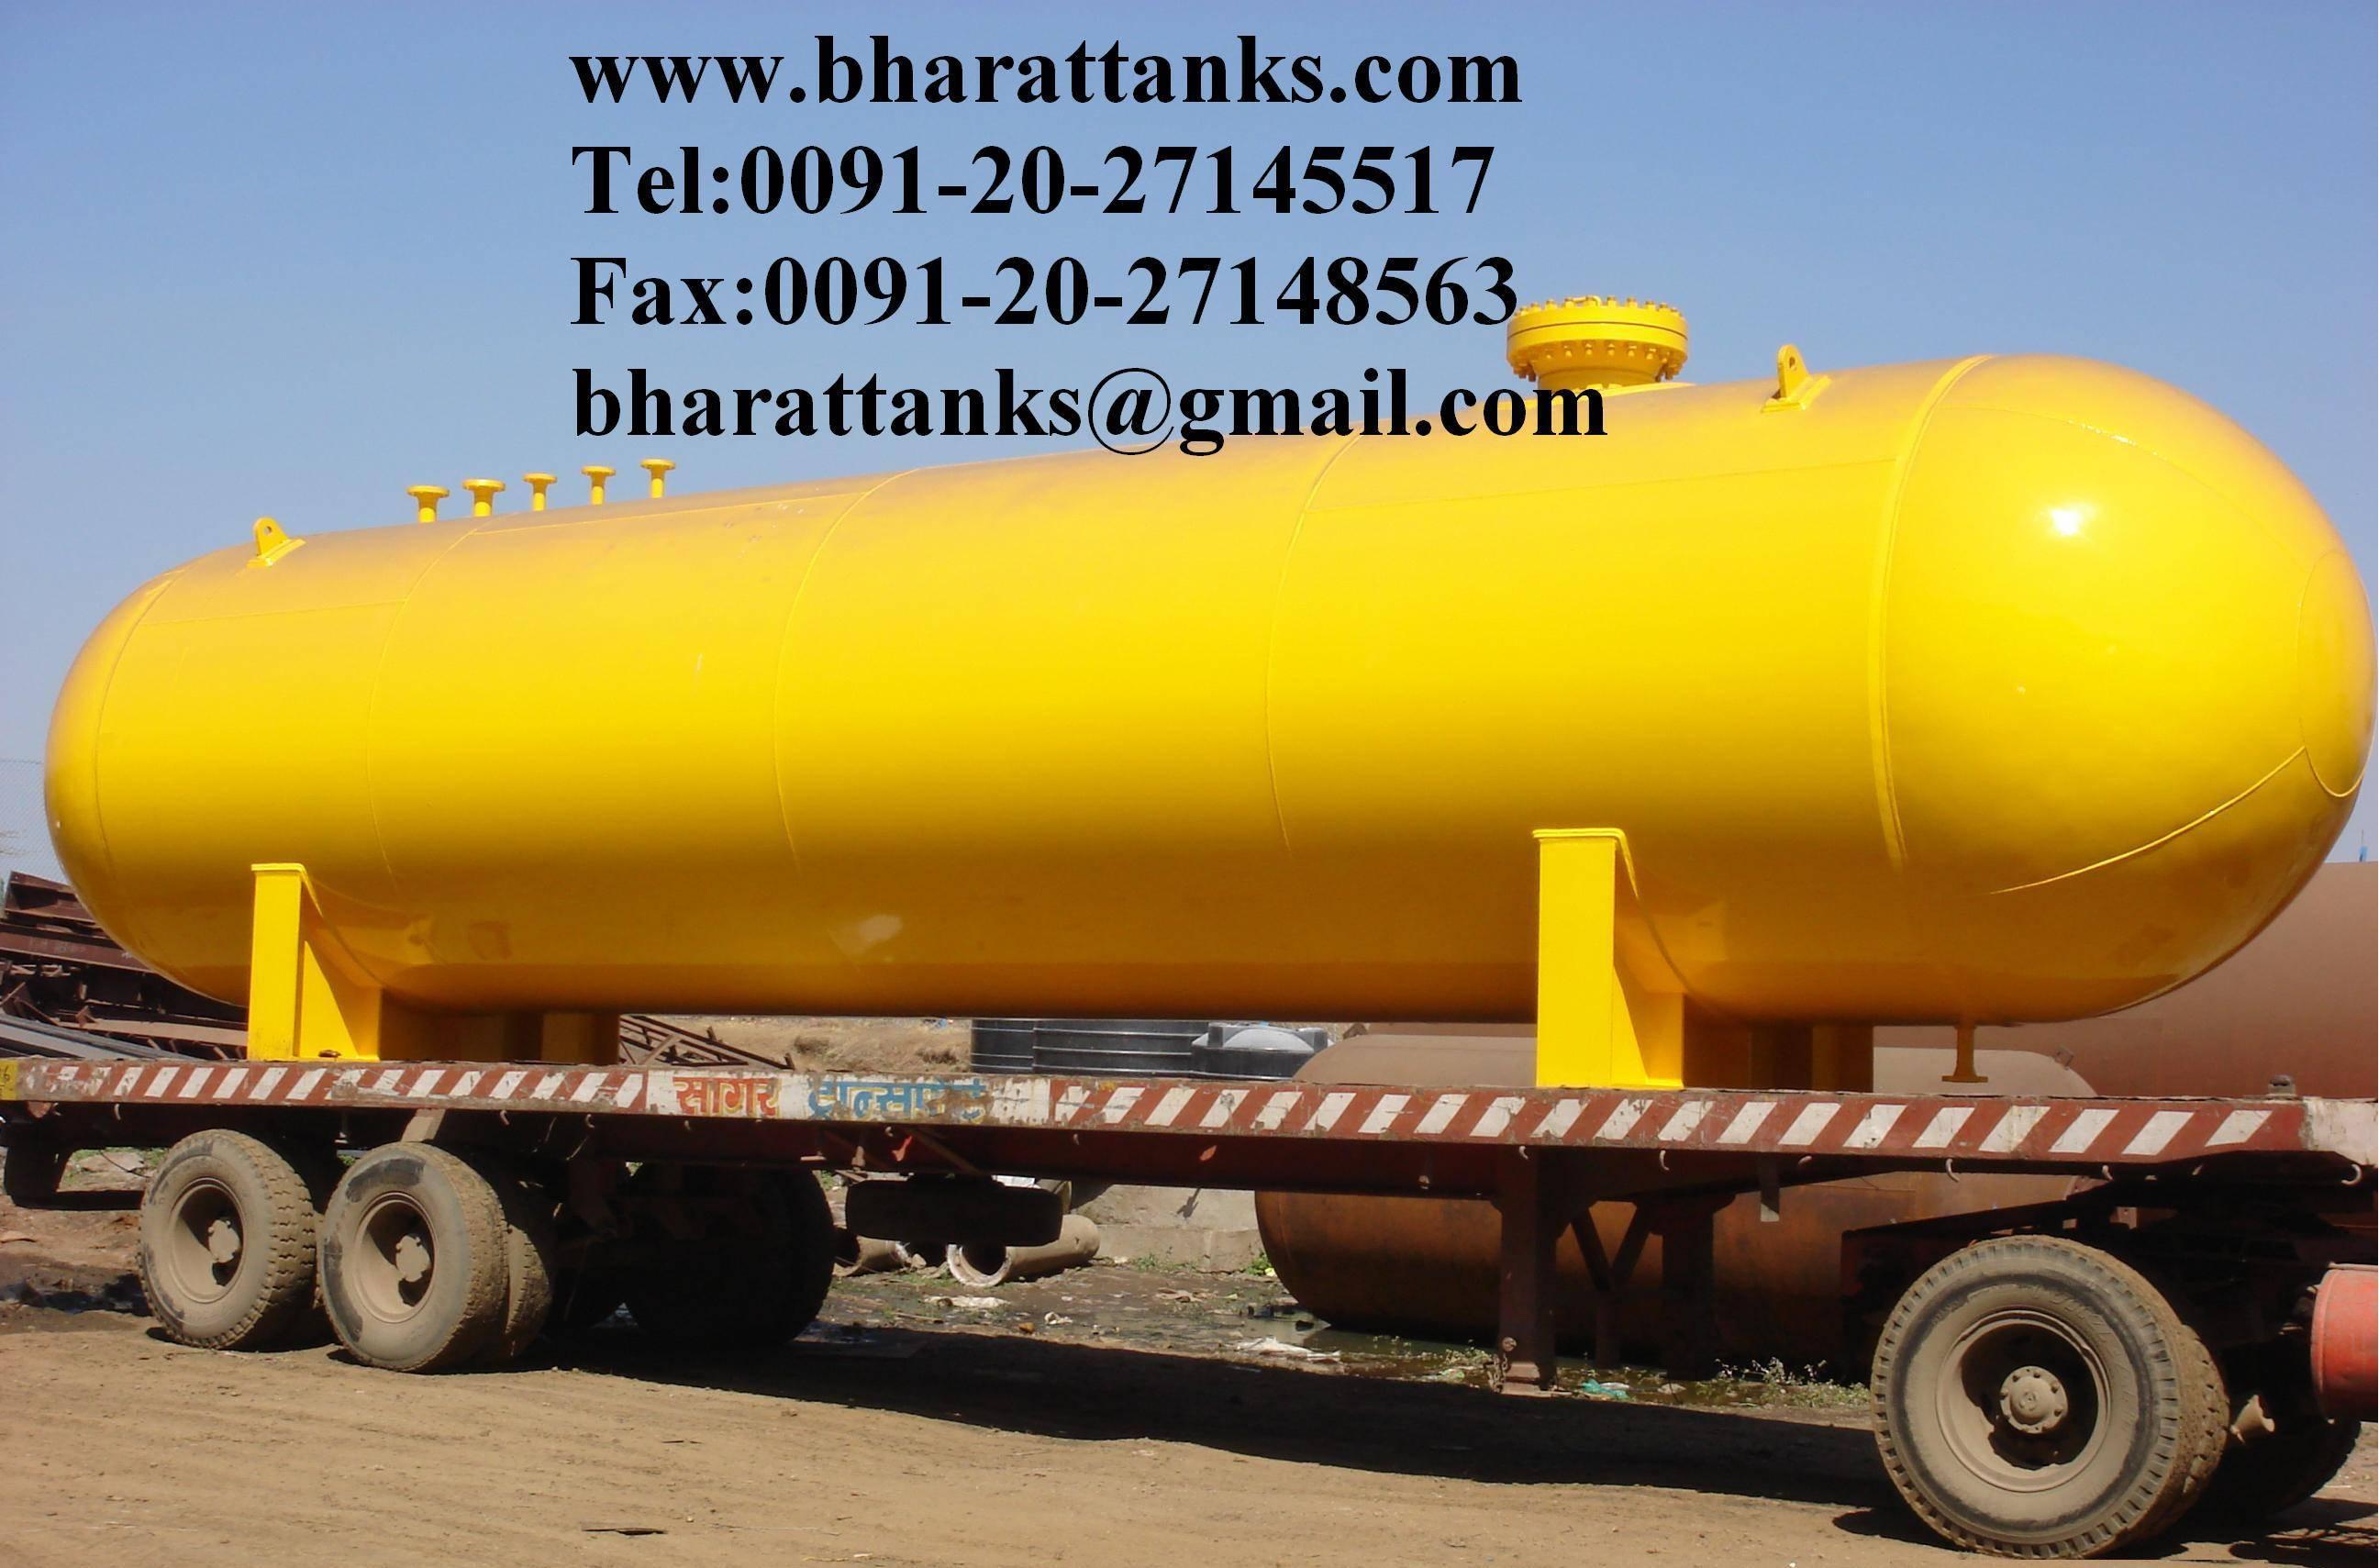 Hydrogen gas storage tanks